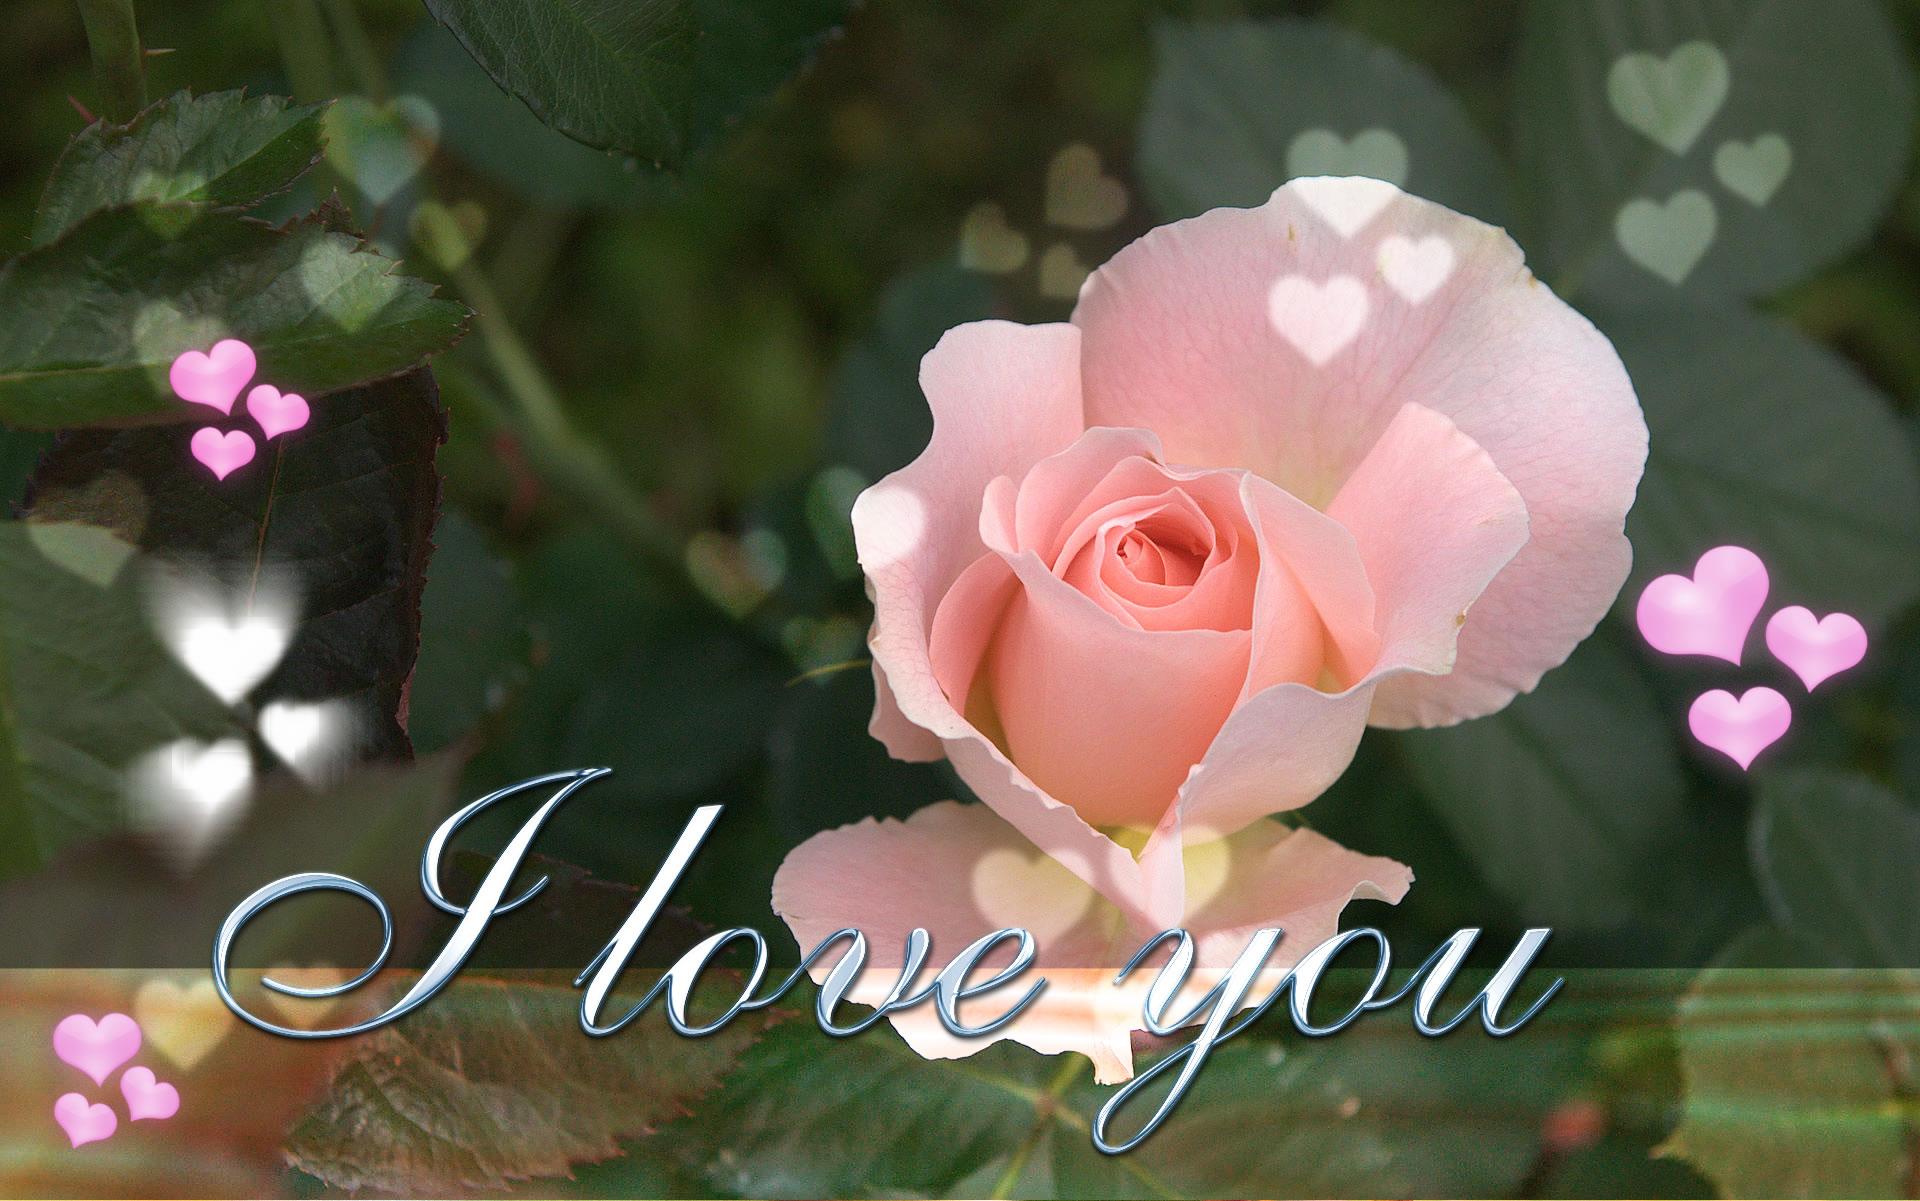 i love you wallpaper,flower,pink,petal,garden roses,rose family